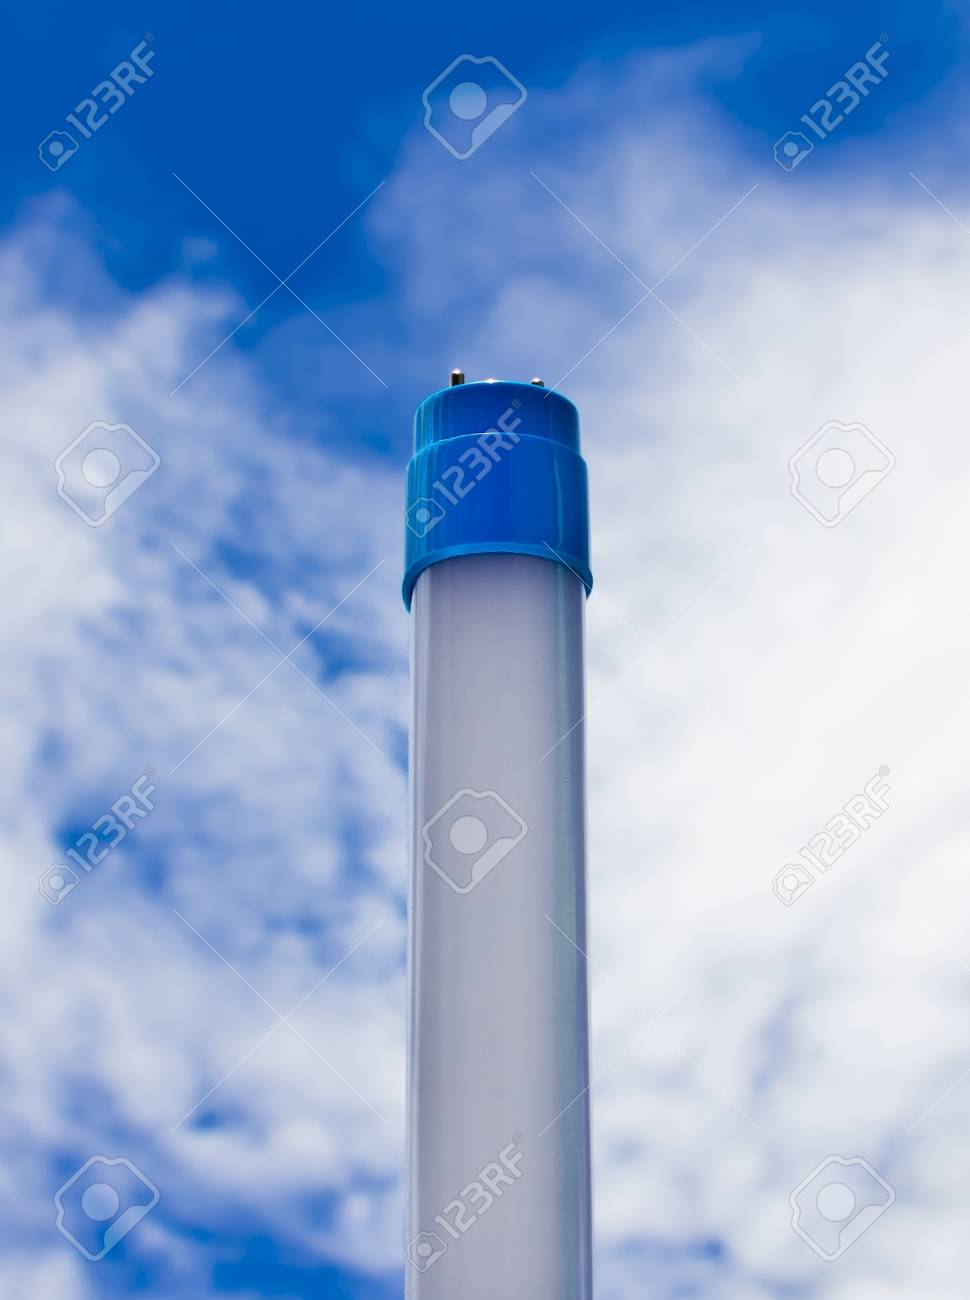 T8 LED  tube light Stock Photo - 15283573